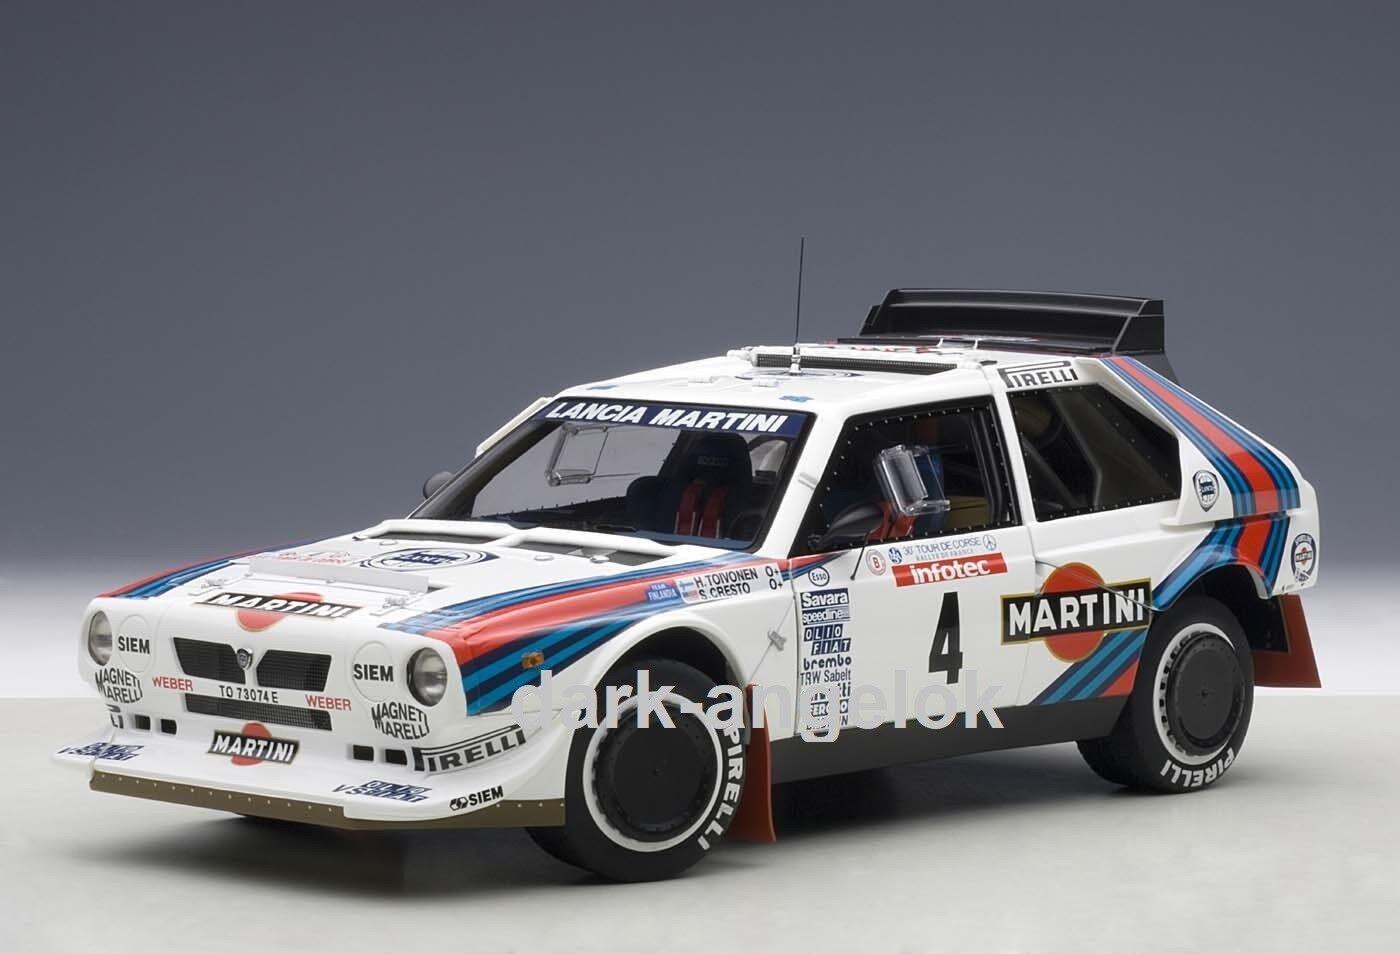 1 18 Autoart 88620 lancia delta s4 Tour de Corse 1986 Nº 4 Toivonen, neu&ovp